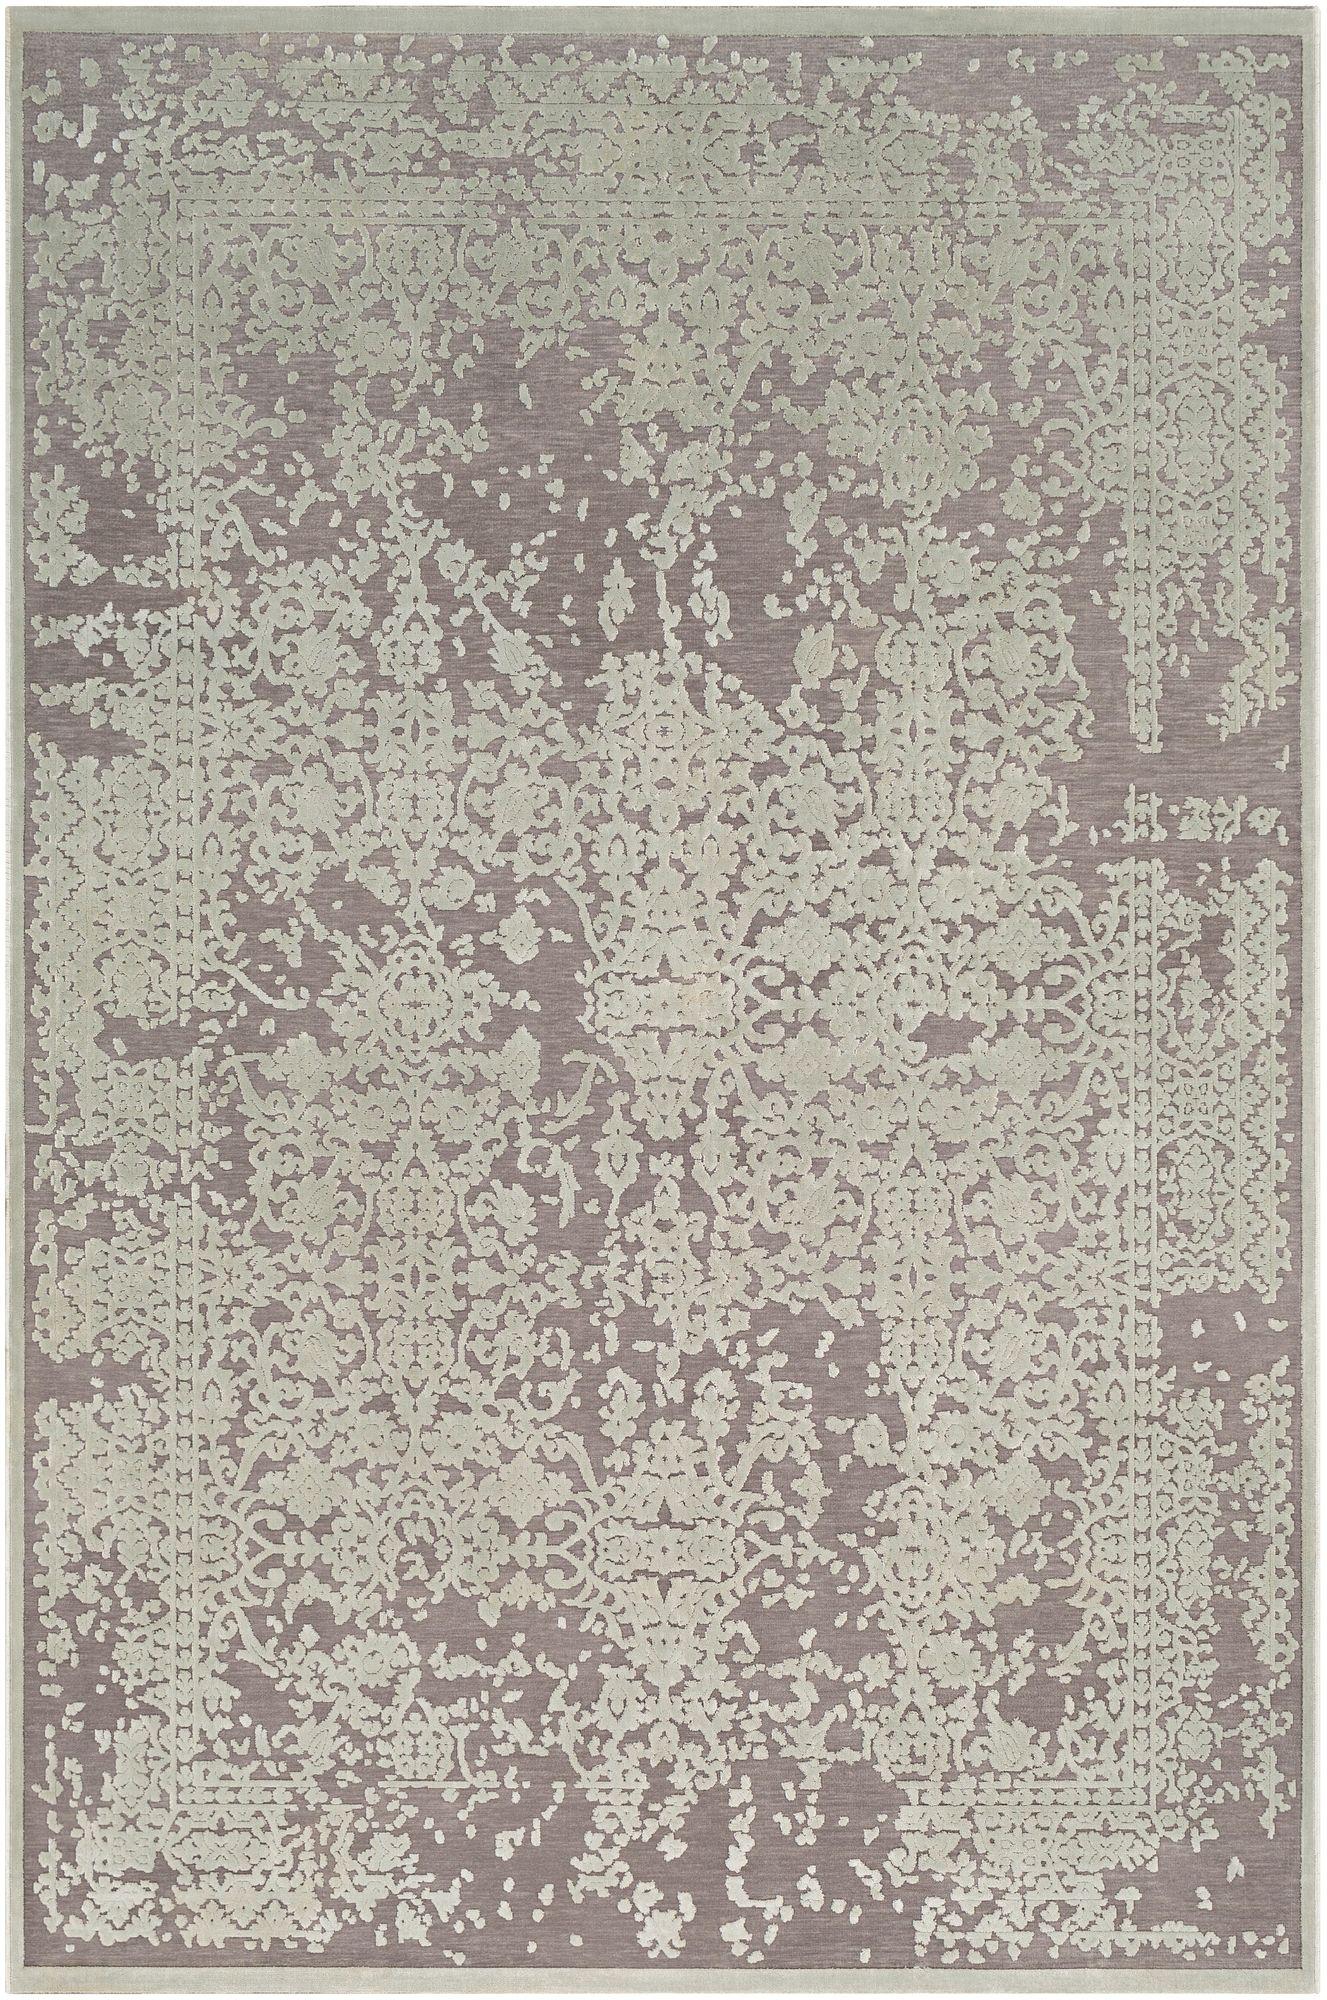 Distressed Design 2 X 3 Area Rug Seafoam Medium Gray Area